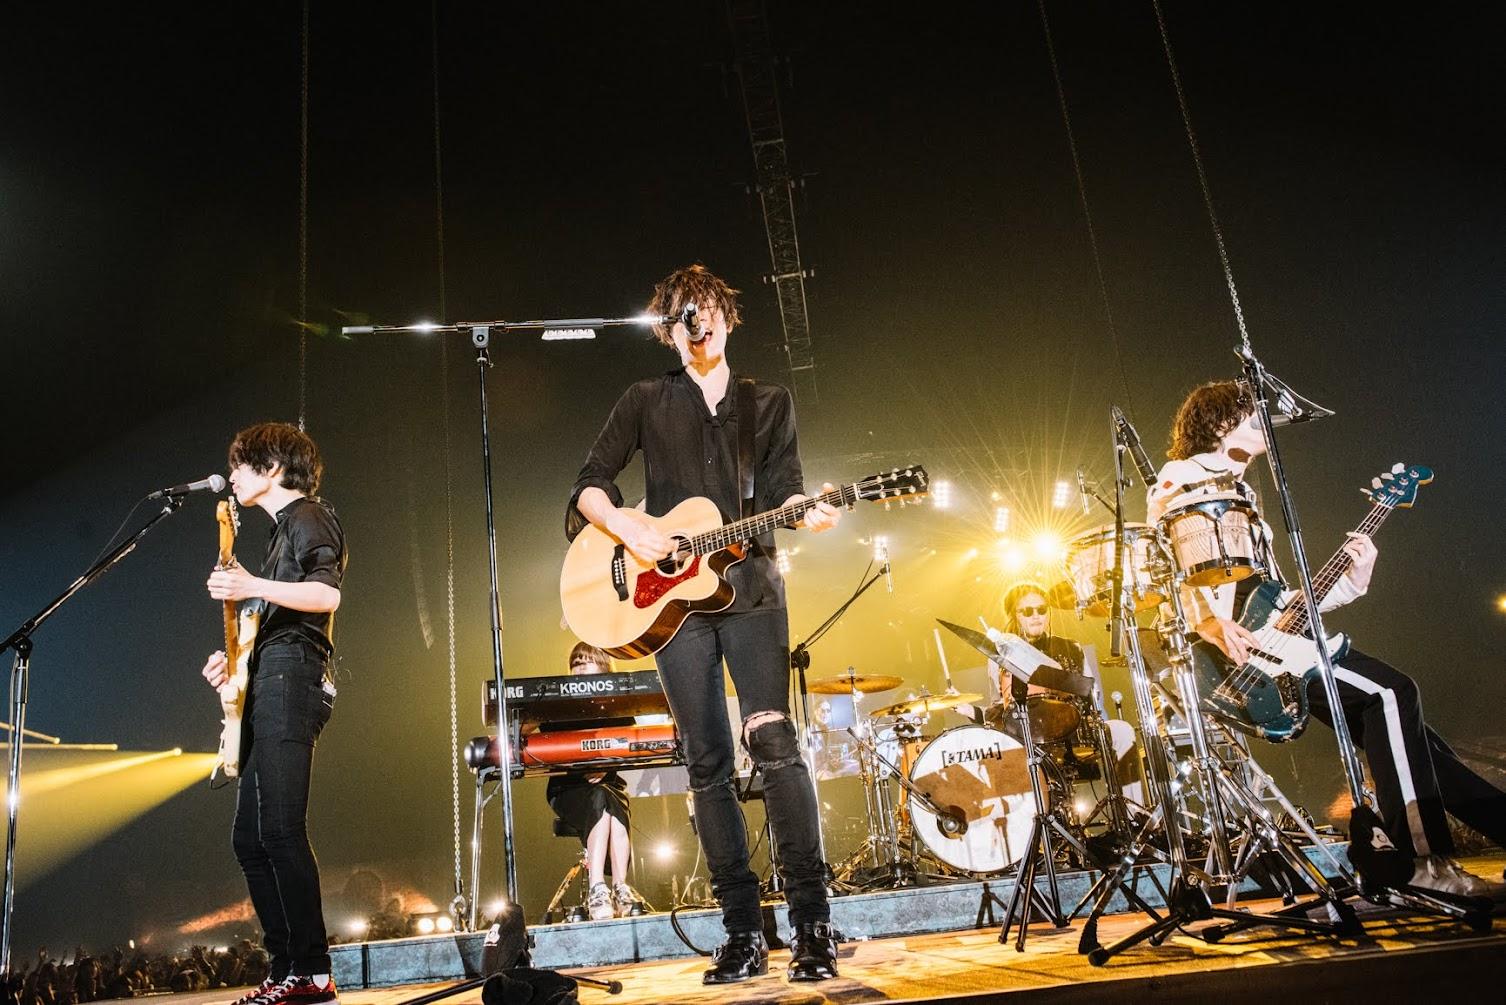 【迷迷現場】[Alexandros] 日本巡迴終場登上埼玉超級競技場 「就算變成糟老頭,我們都會繼續玩音樂直到死去的那一刻!」